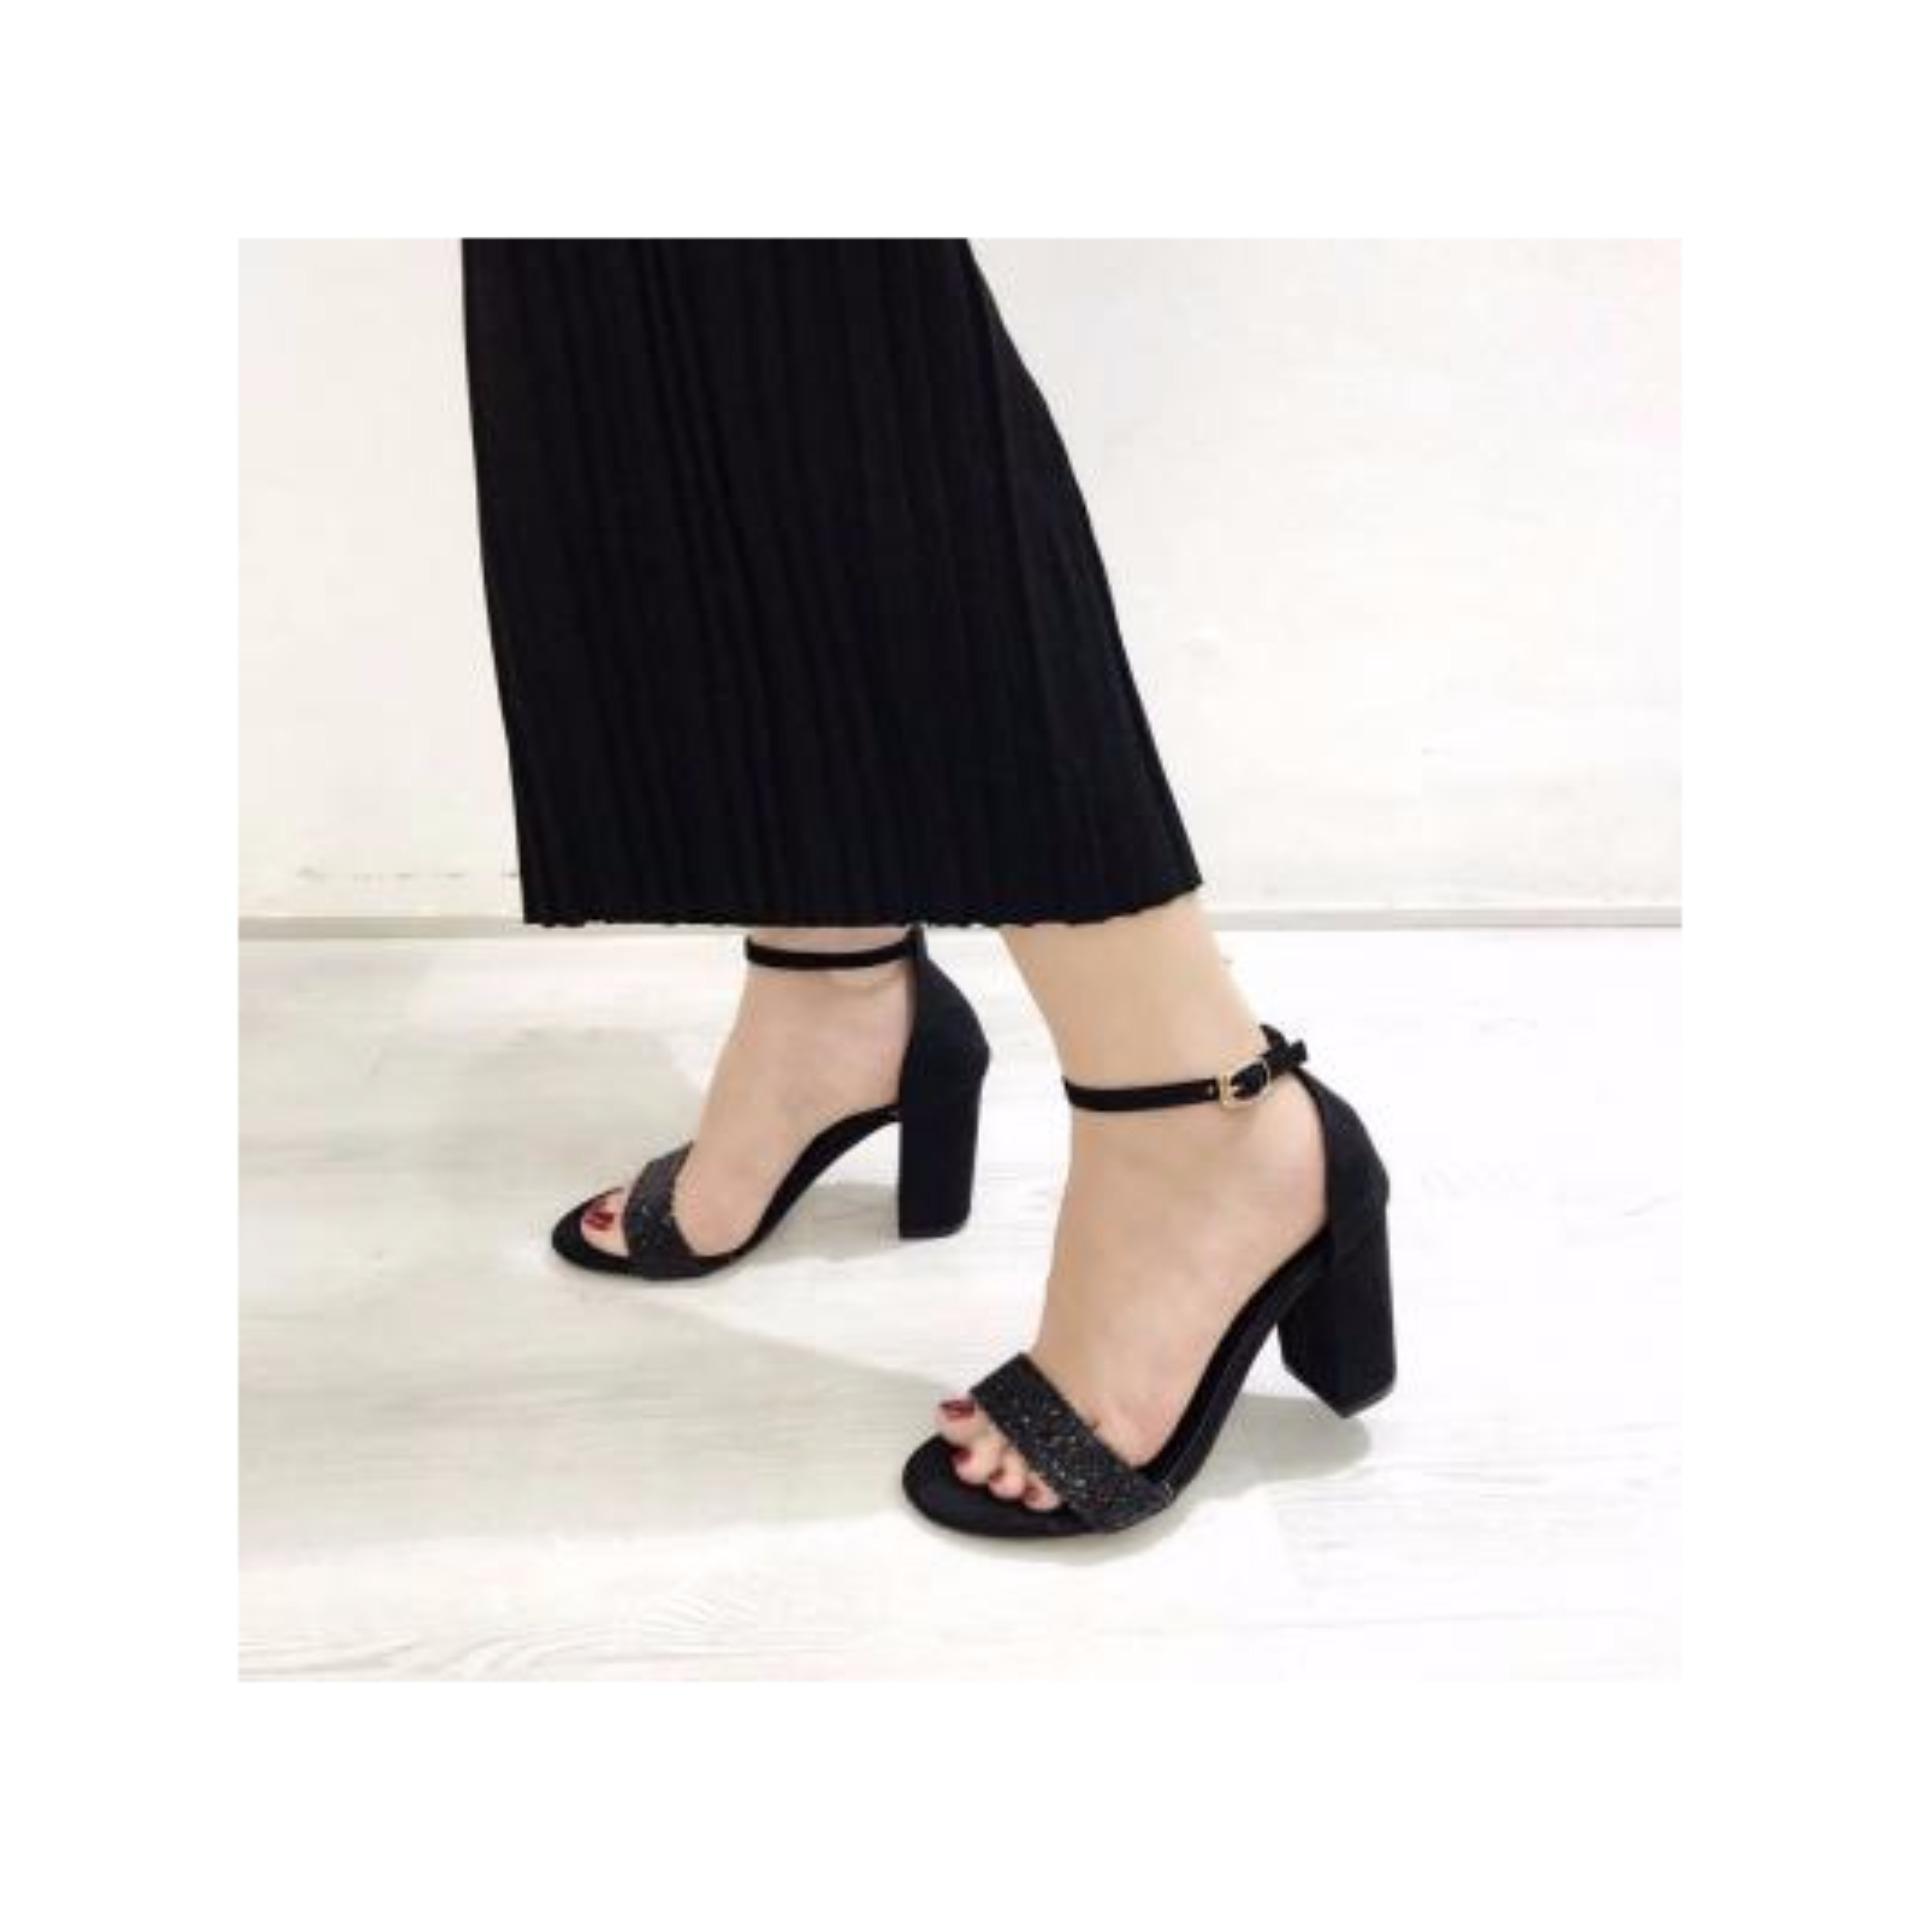 Giày sandal quai ngang 7p kim tuyến - Đen